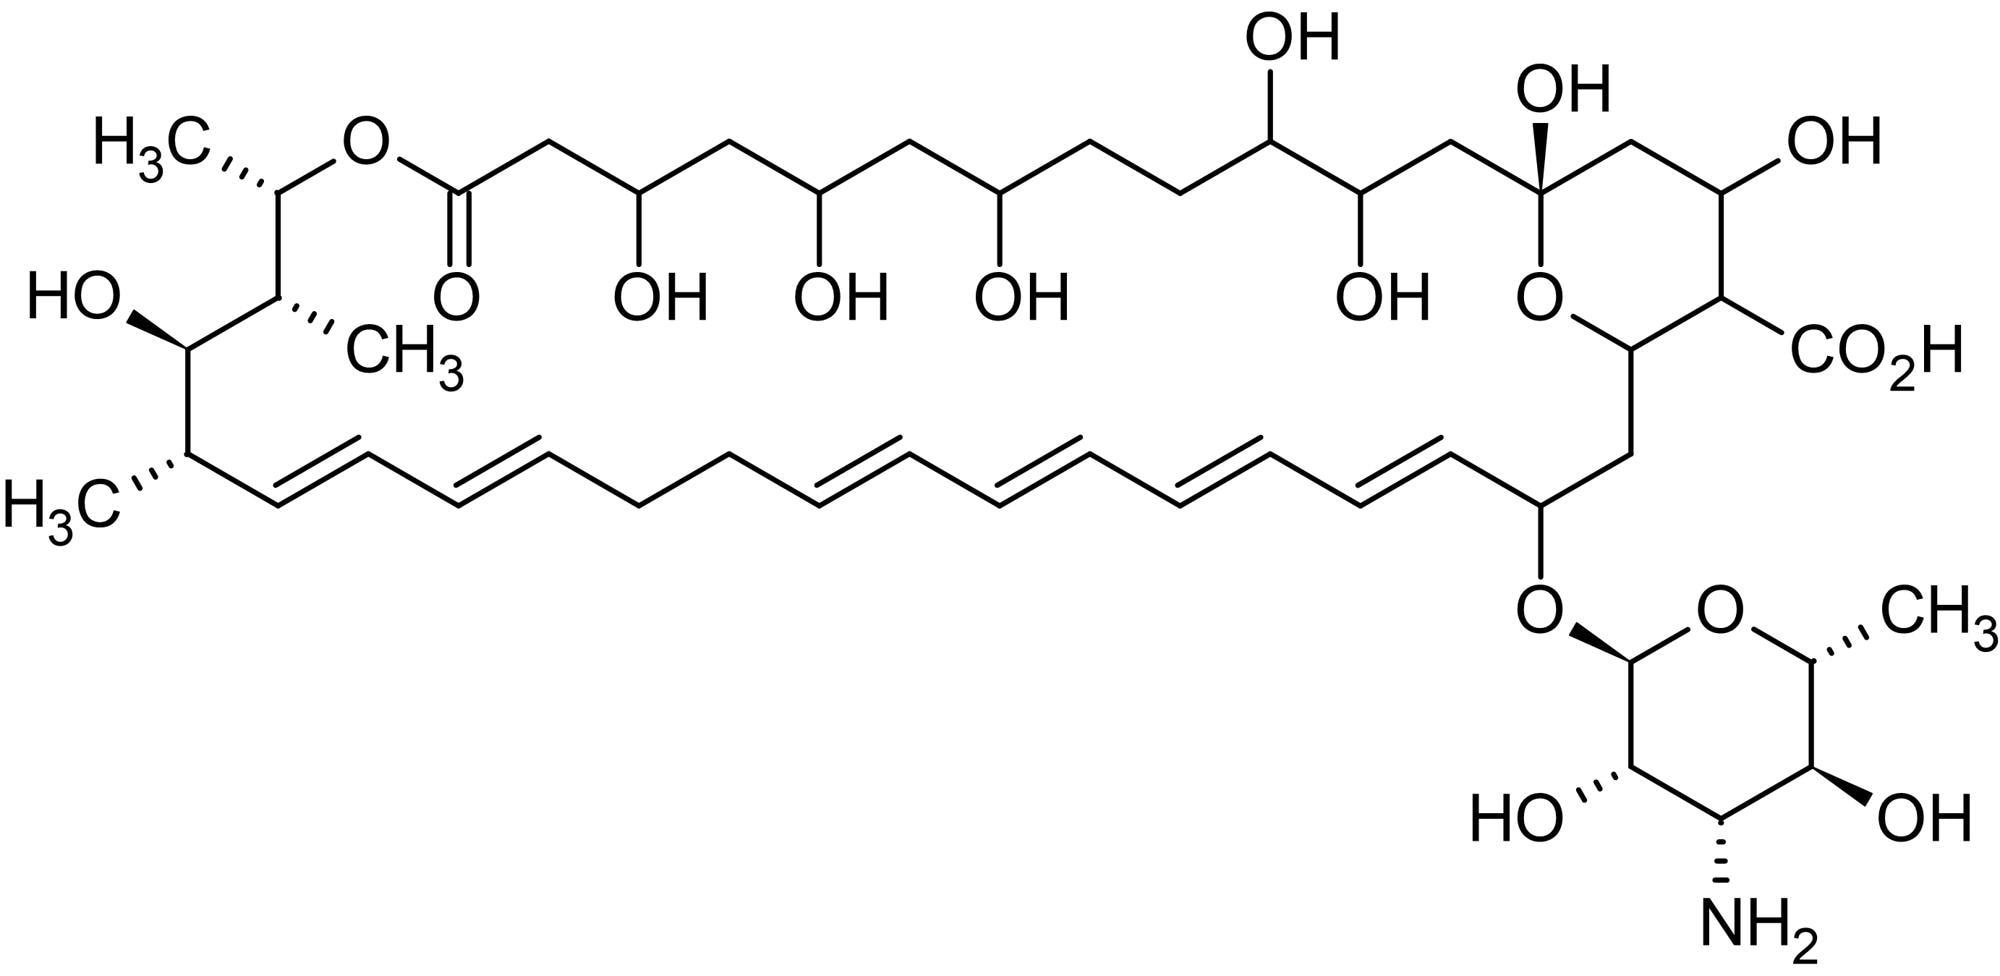 Chemical Structure - Nystatin (aqueous), polyene macrolide antifungal (ab146576)